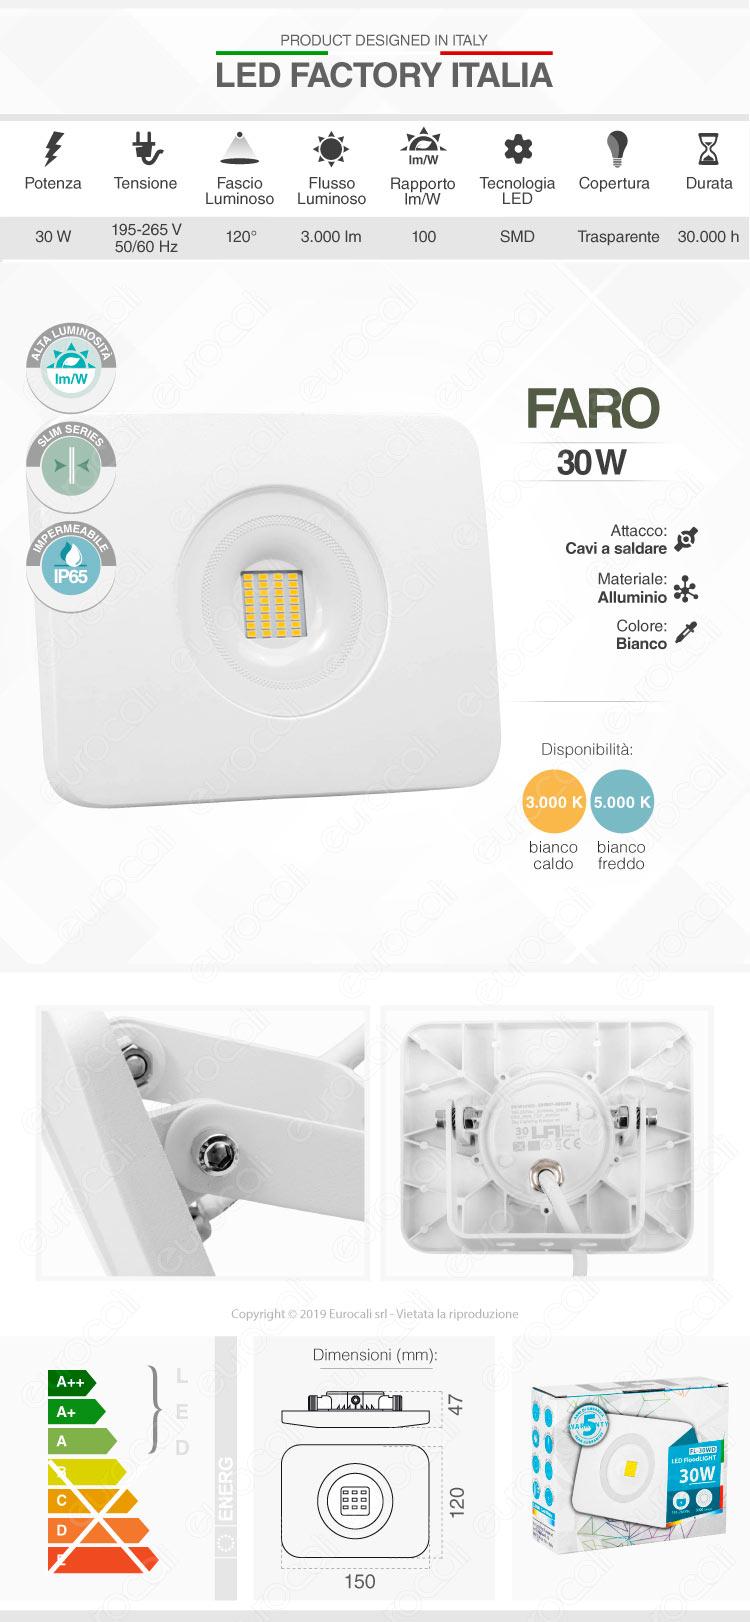 Led Factory Italia Faro LED 30W Ultra Sottile Colore Bianco